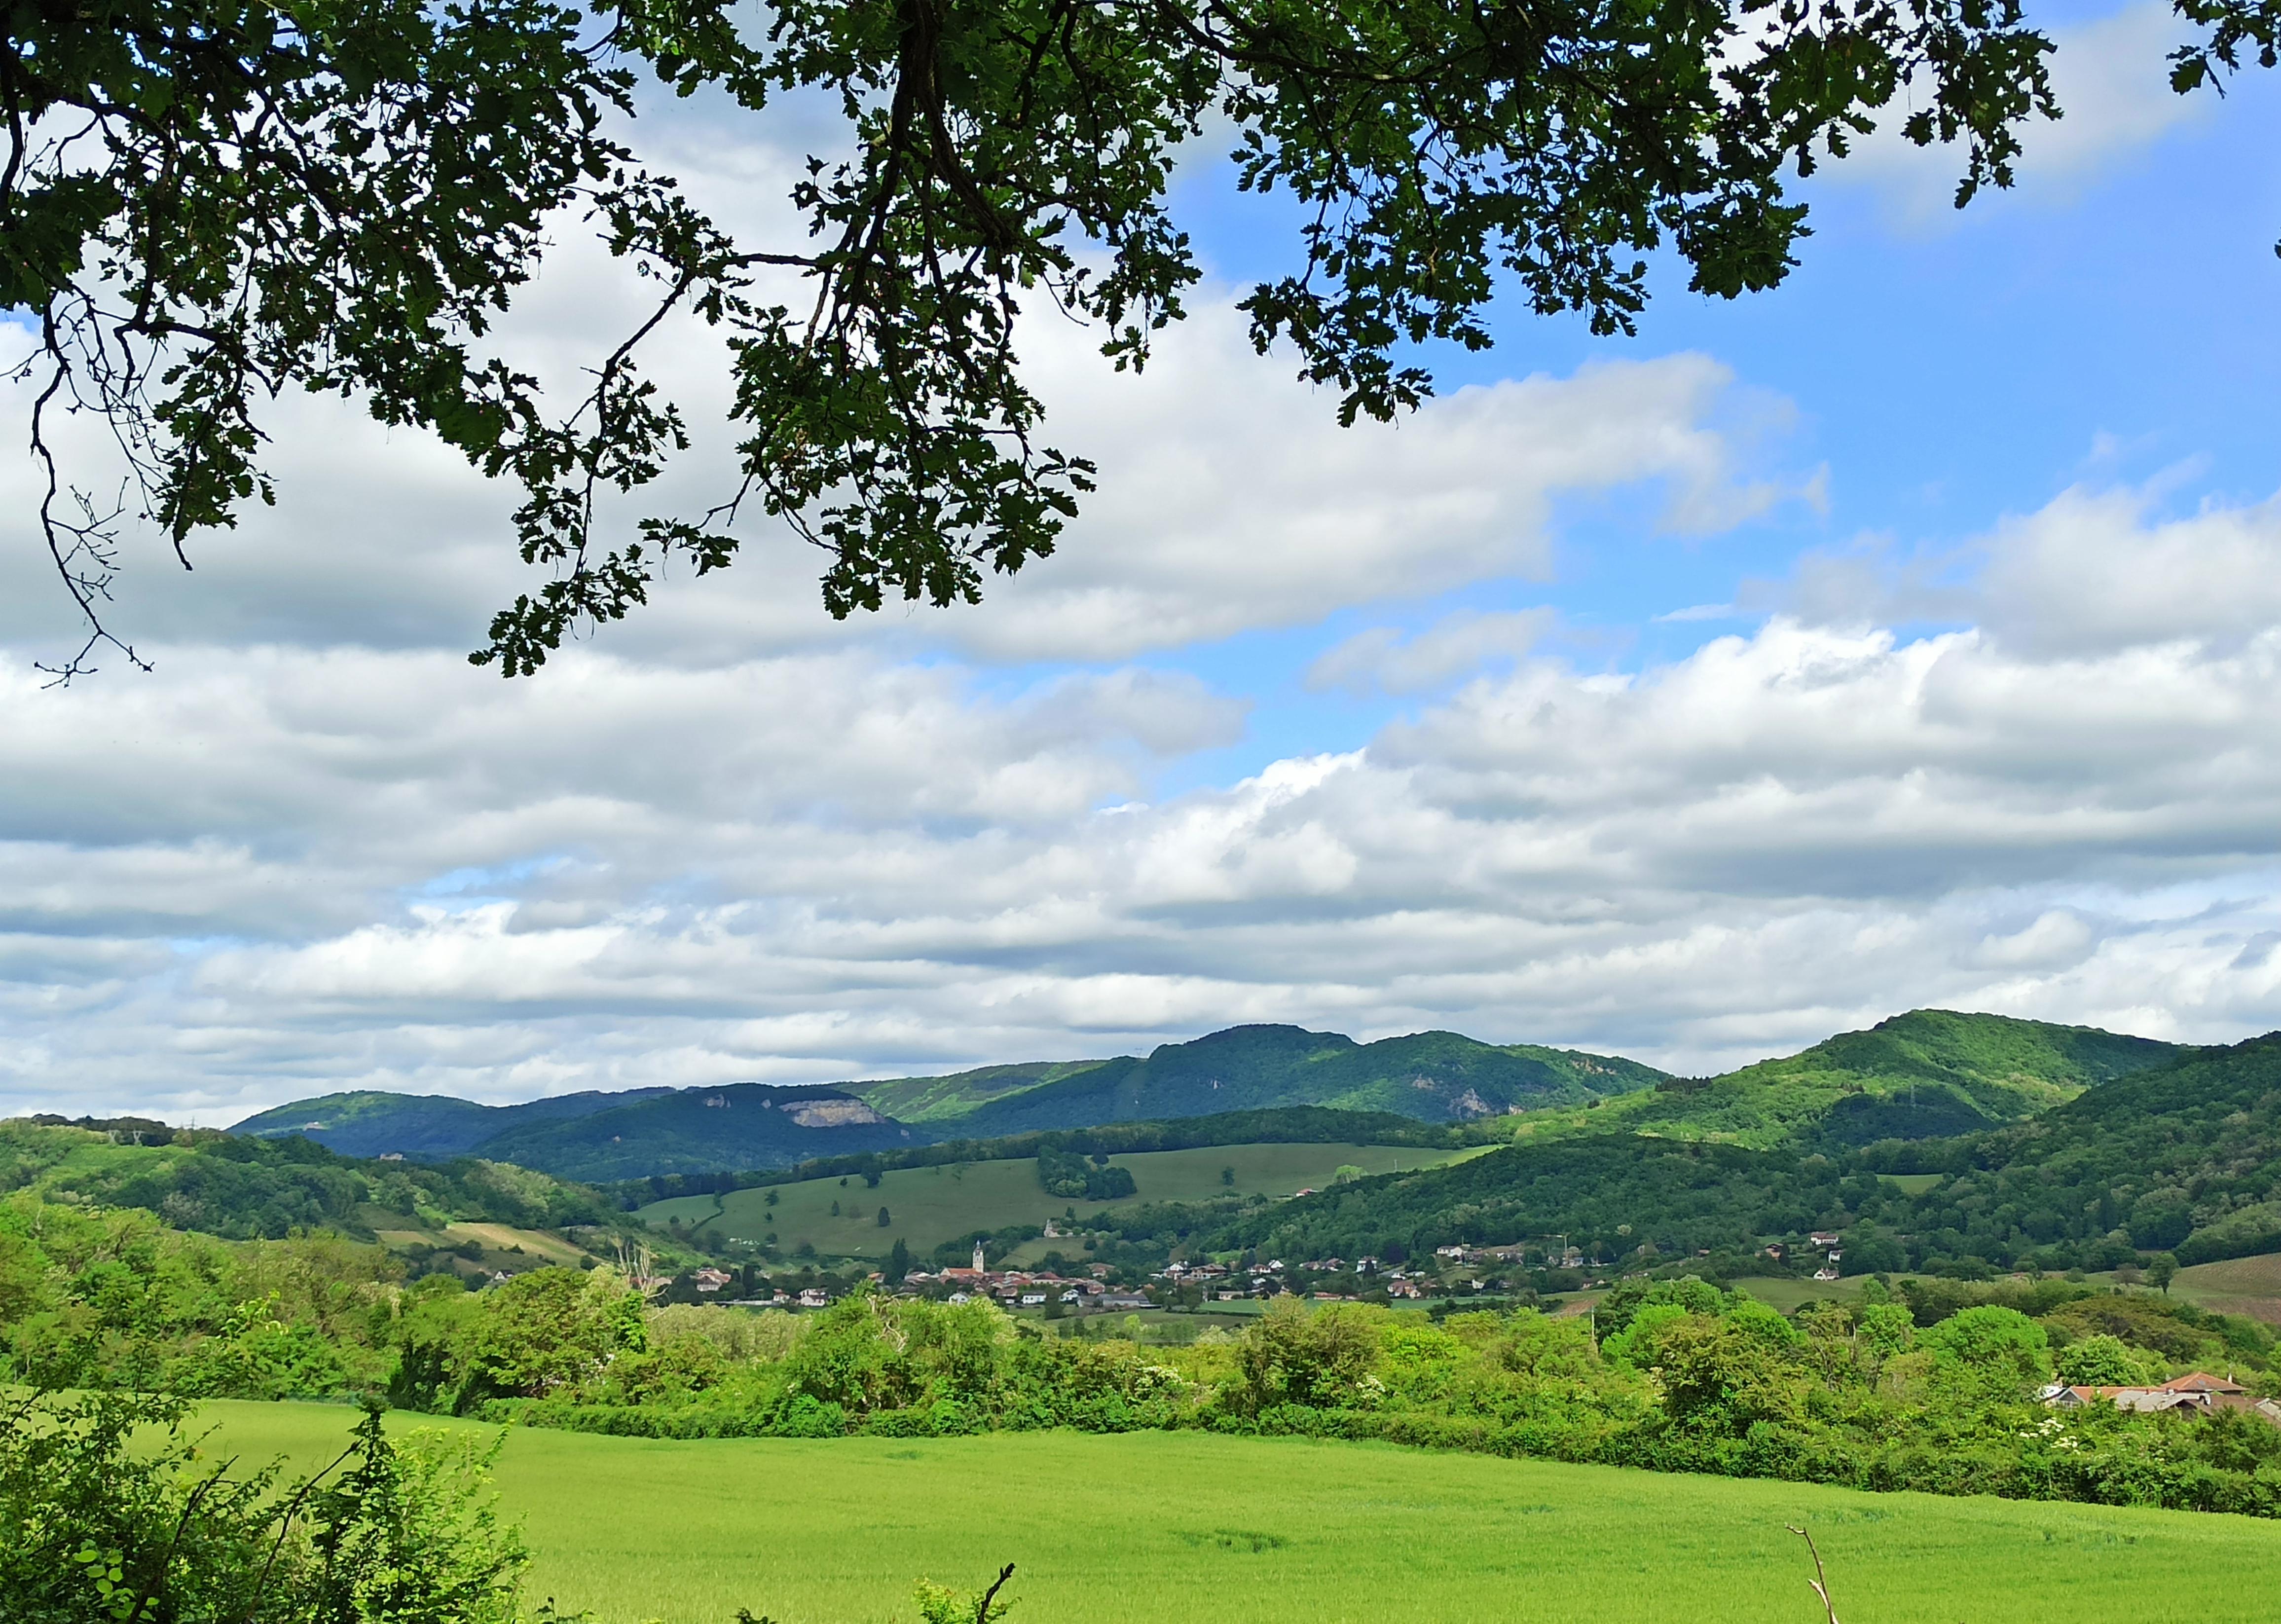 vue sur Vaux en Bugey depuis Lagnieu